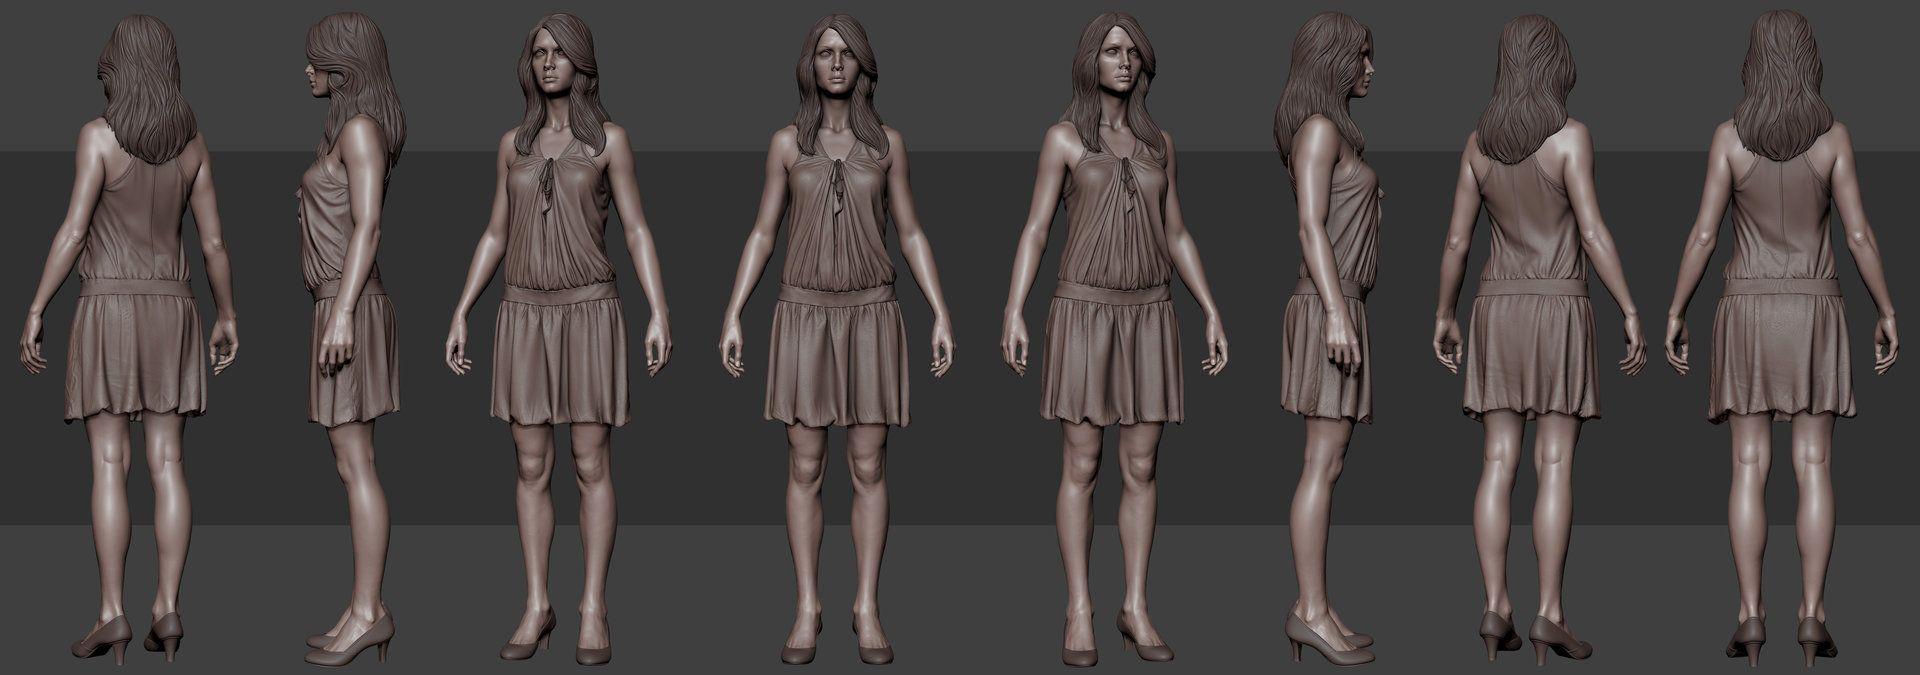 ArtStation - Clothing Study, Tushank K. Jaiswal